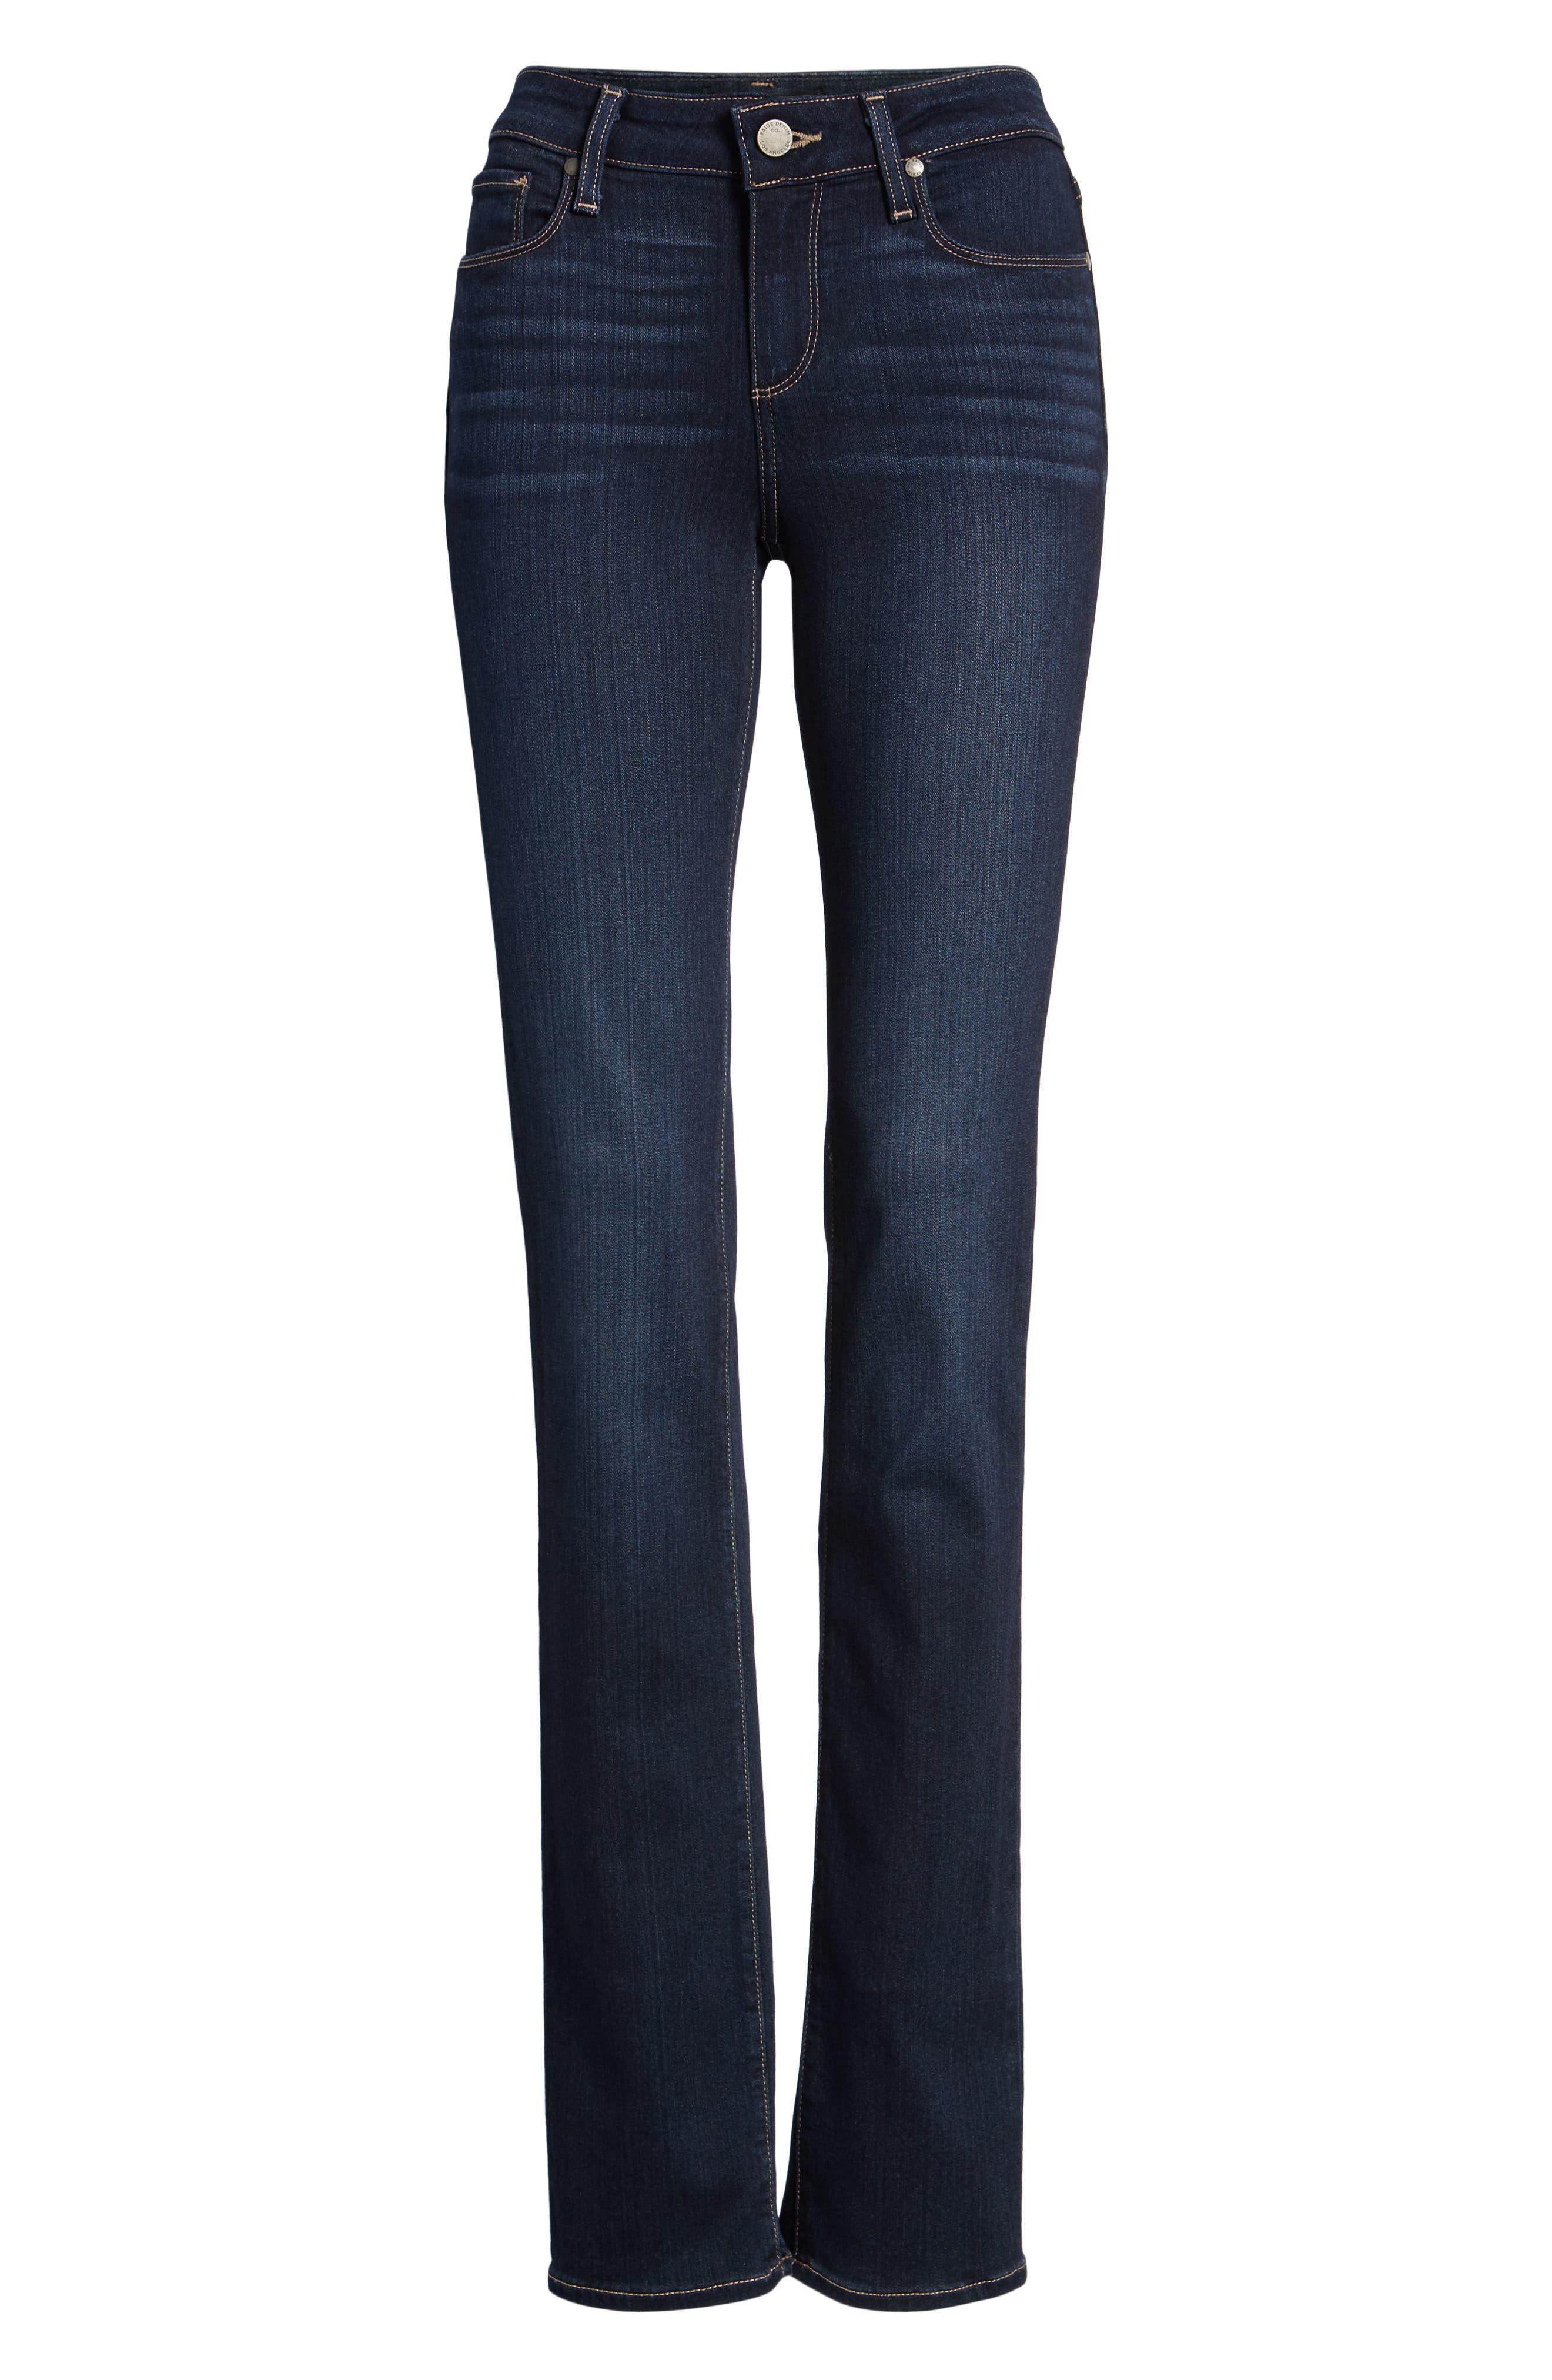 Transcend - Skyline Straight Leg Jeans,                             Alternate thumbnail 7, color,                             GARDENA